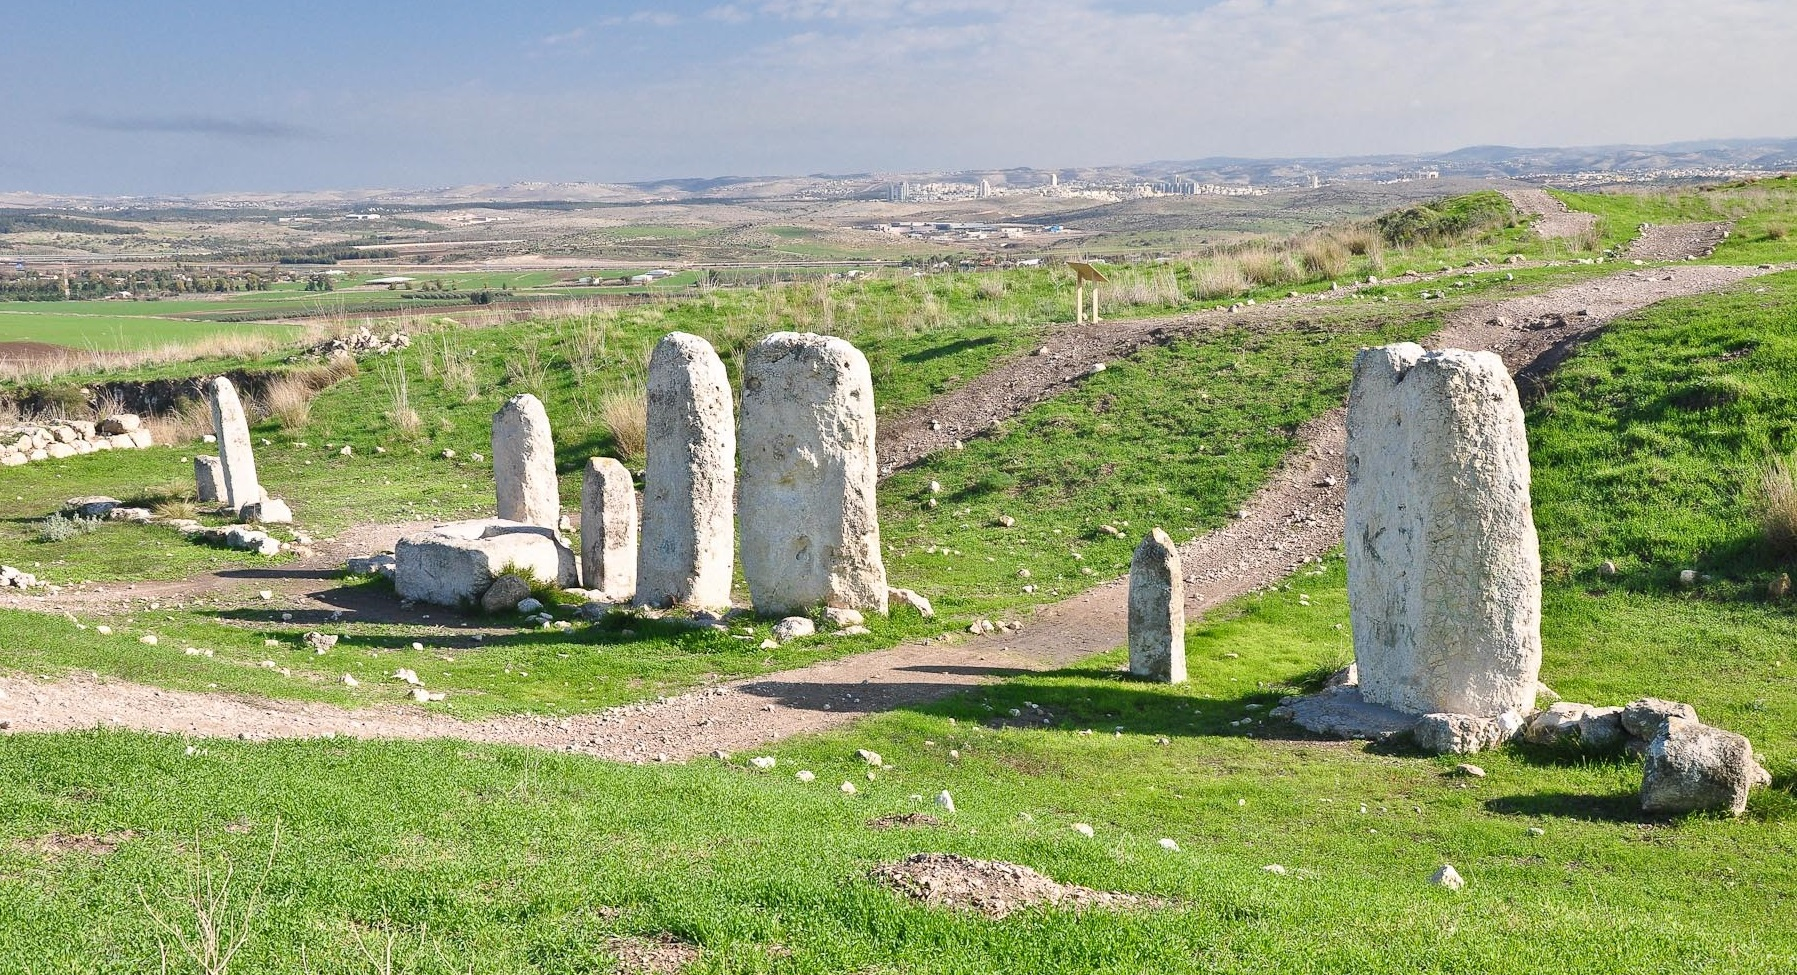 上图:以色列基色(Gezer)出土的主前1800-1550年迦南人的石柱。